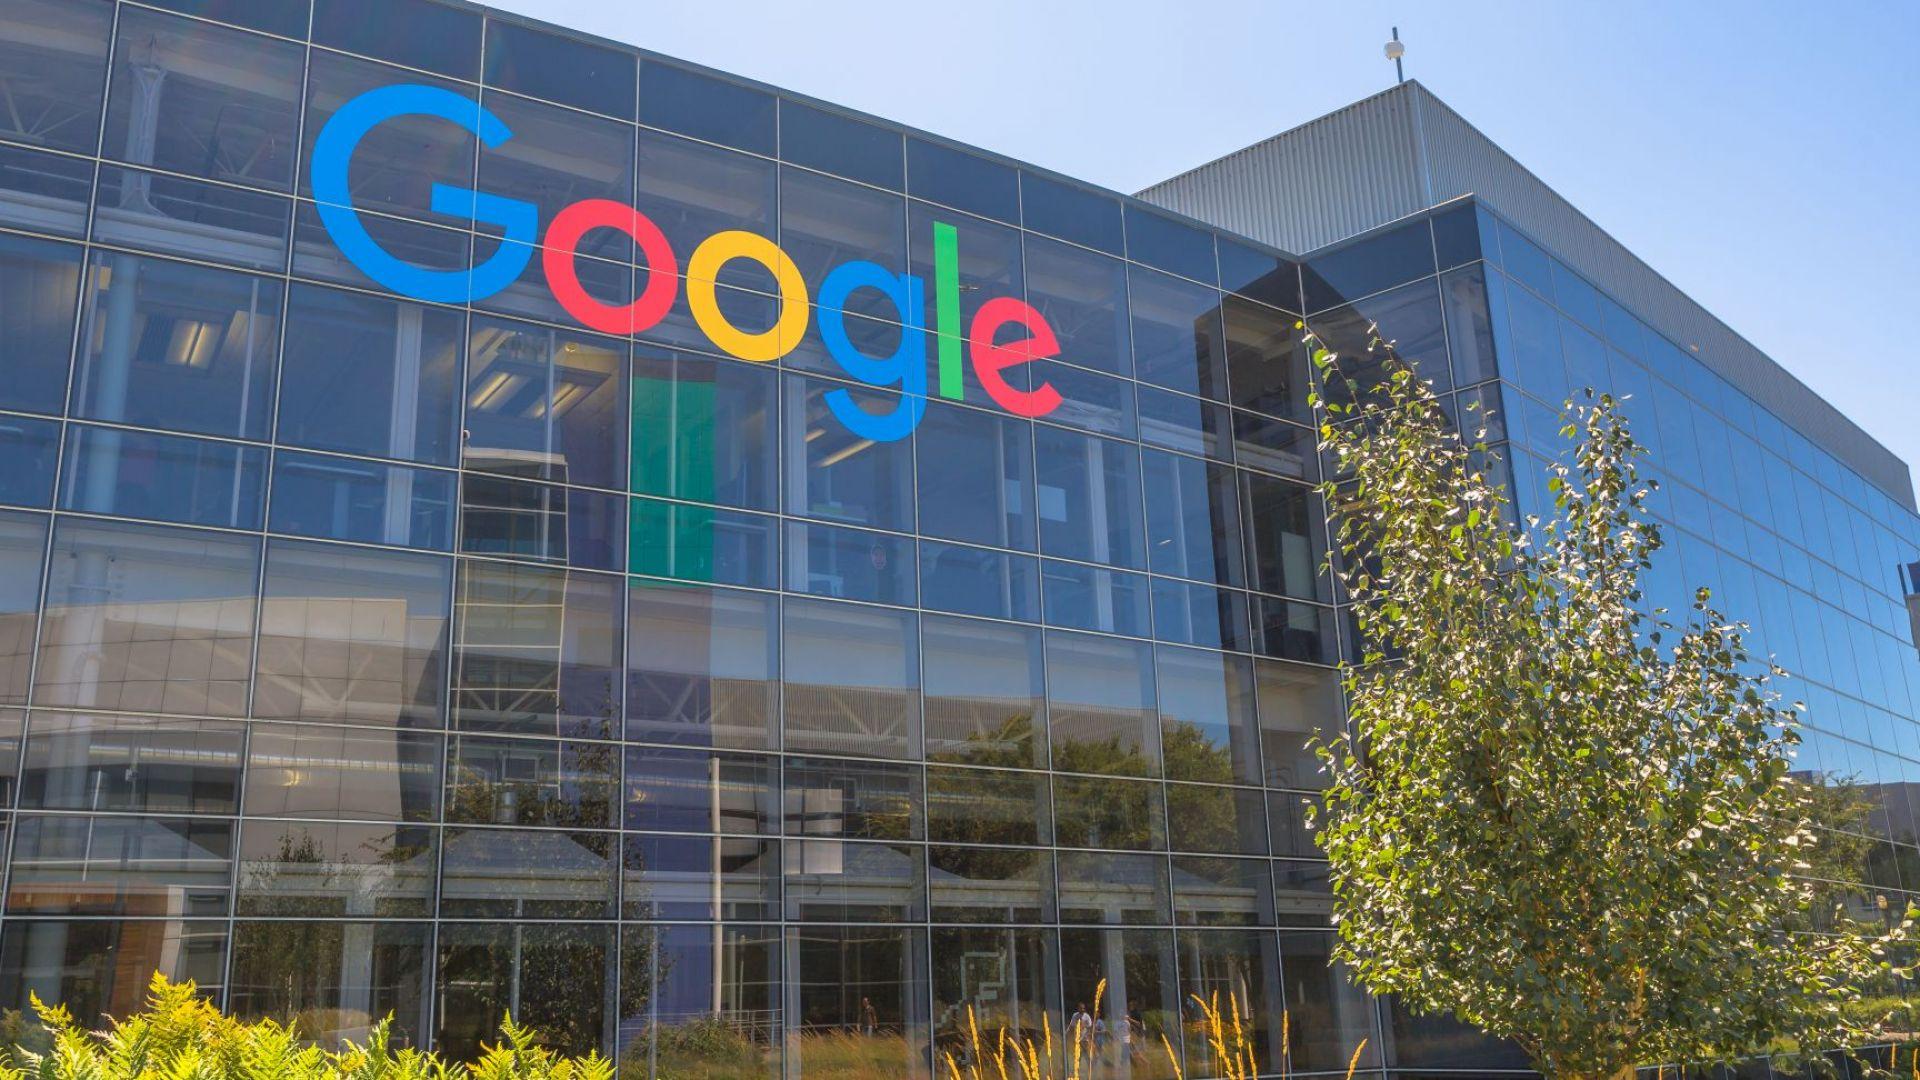 Гугъл обяви, че е склонен да плаща повече данъци в чужбина